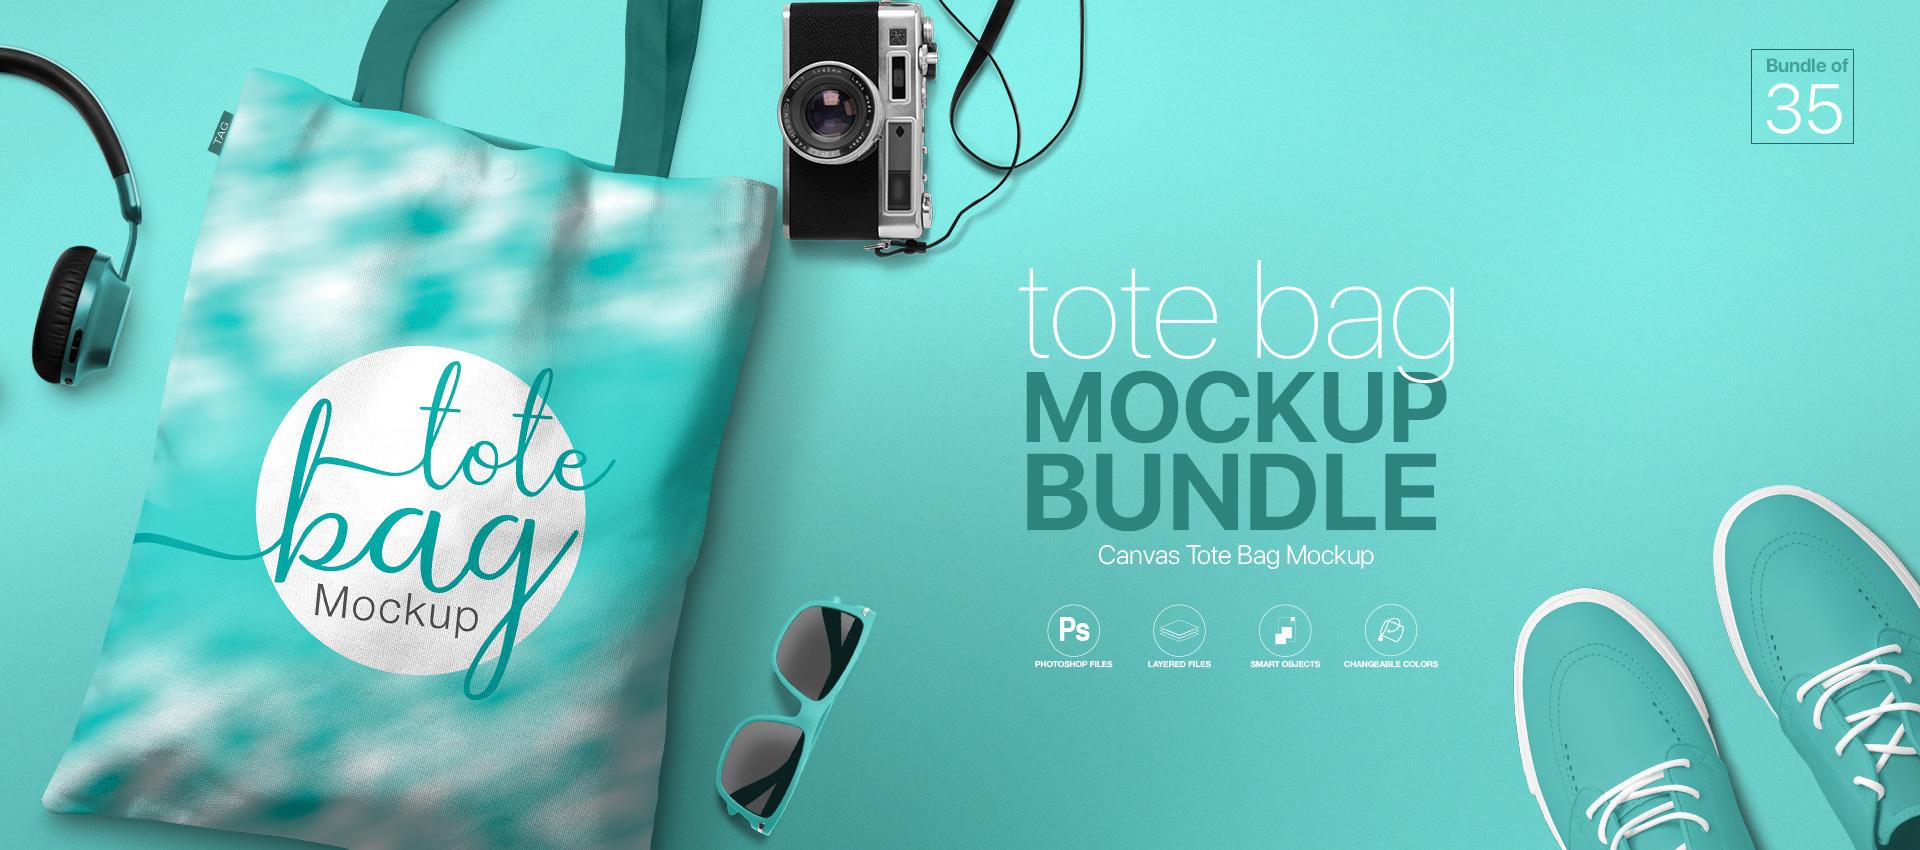 Tote Bag Mockup Bundle PSD